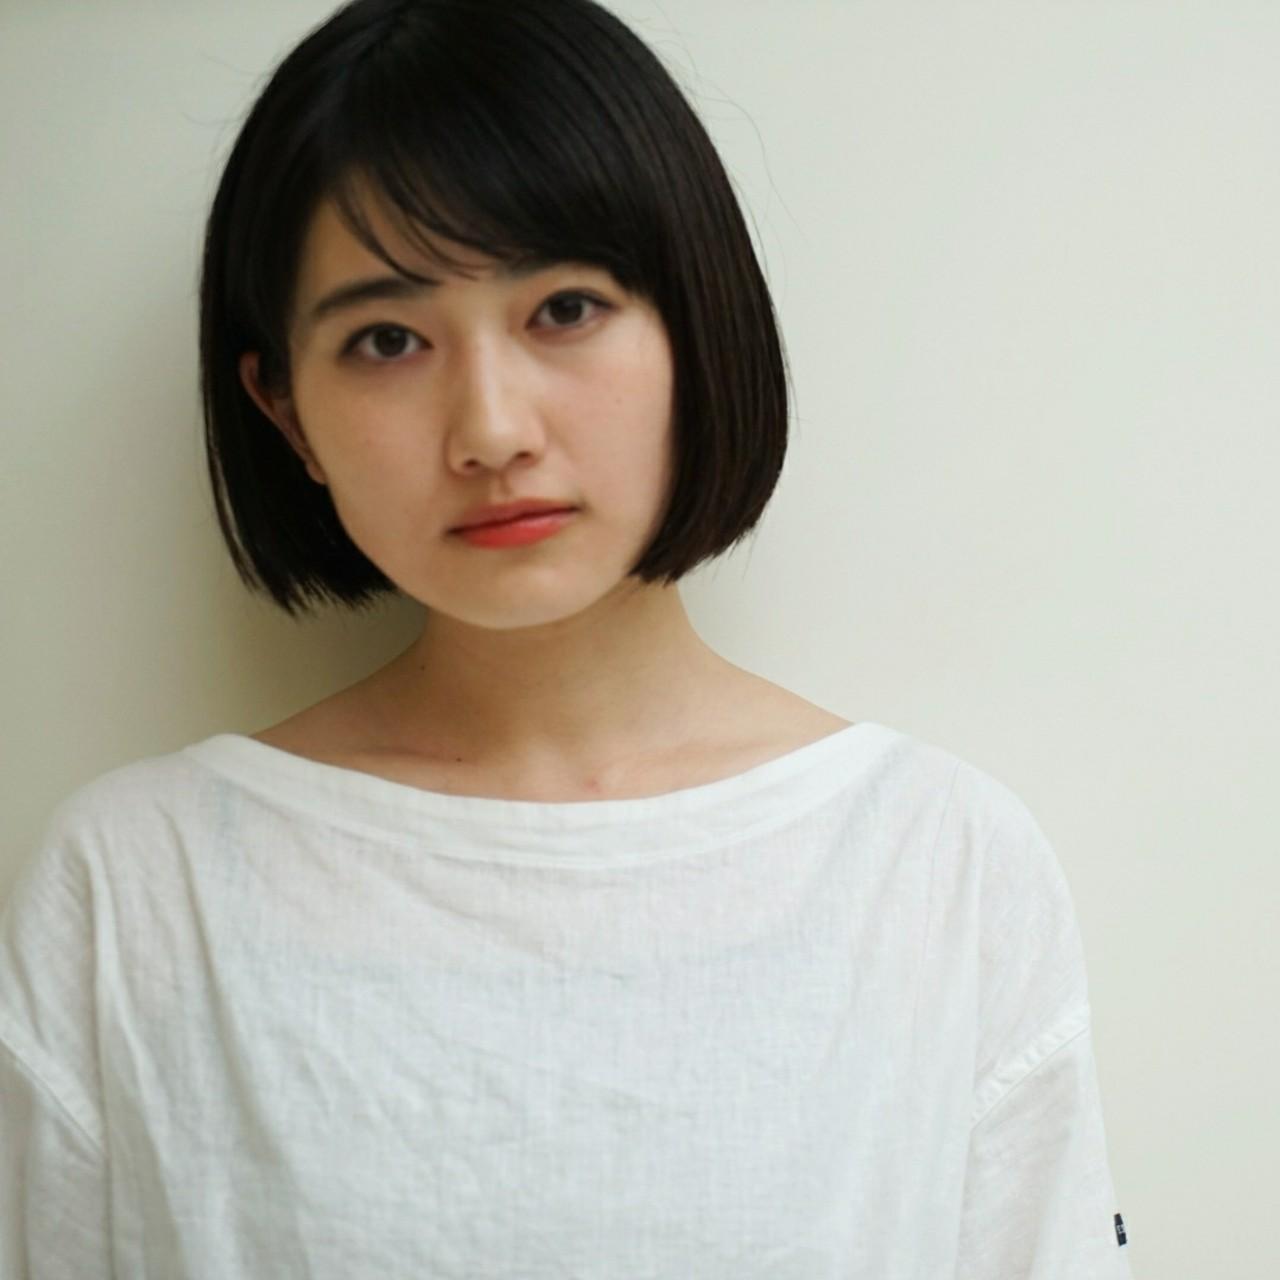 ナチュラルな黒髪ボブ。 シンプルな服にはシンプルな髪型で☆ 日本人の凛とした感じ。